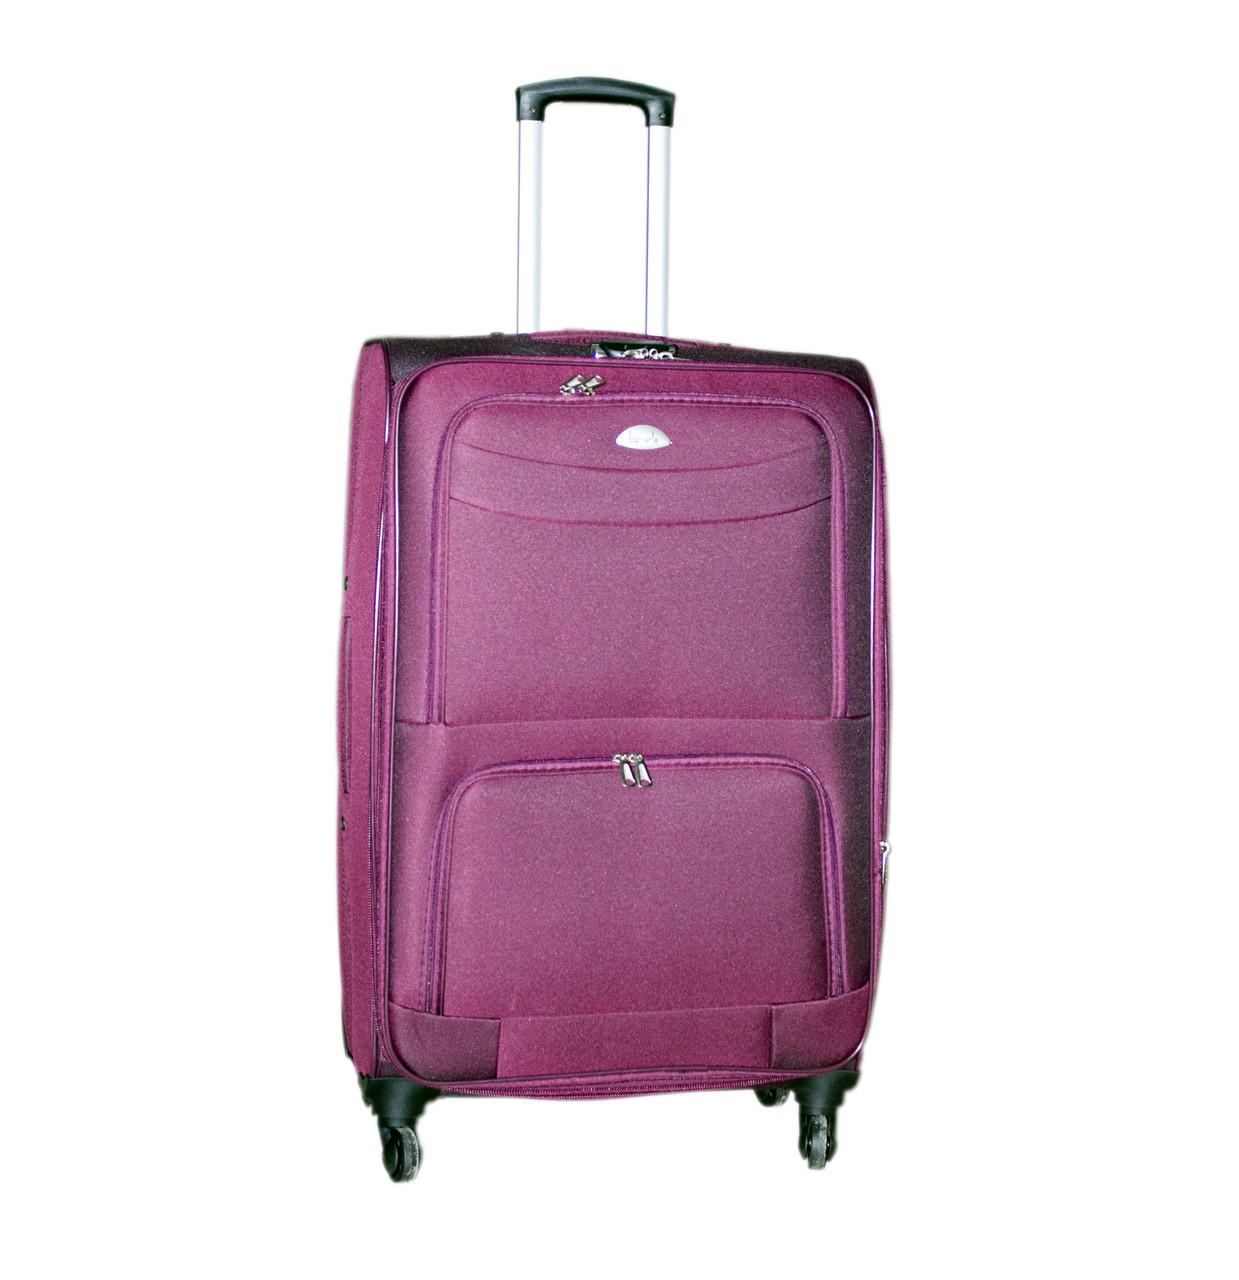 Дорожный чемодан 4 колеса (средний) тёмно-фиолетовый, артикул: 6-240